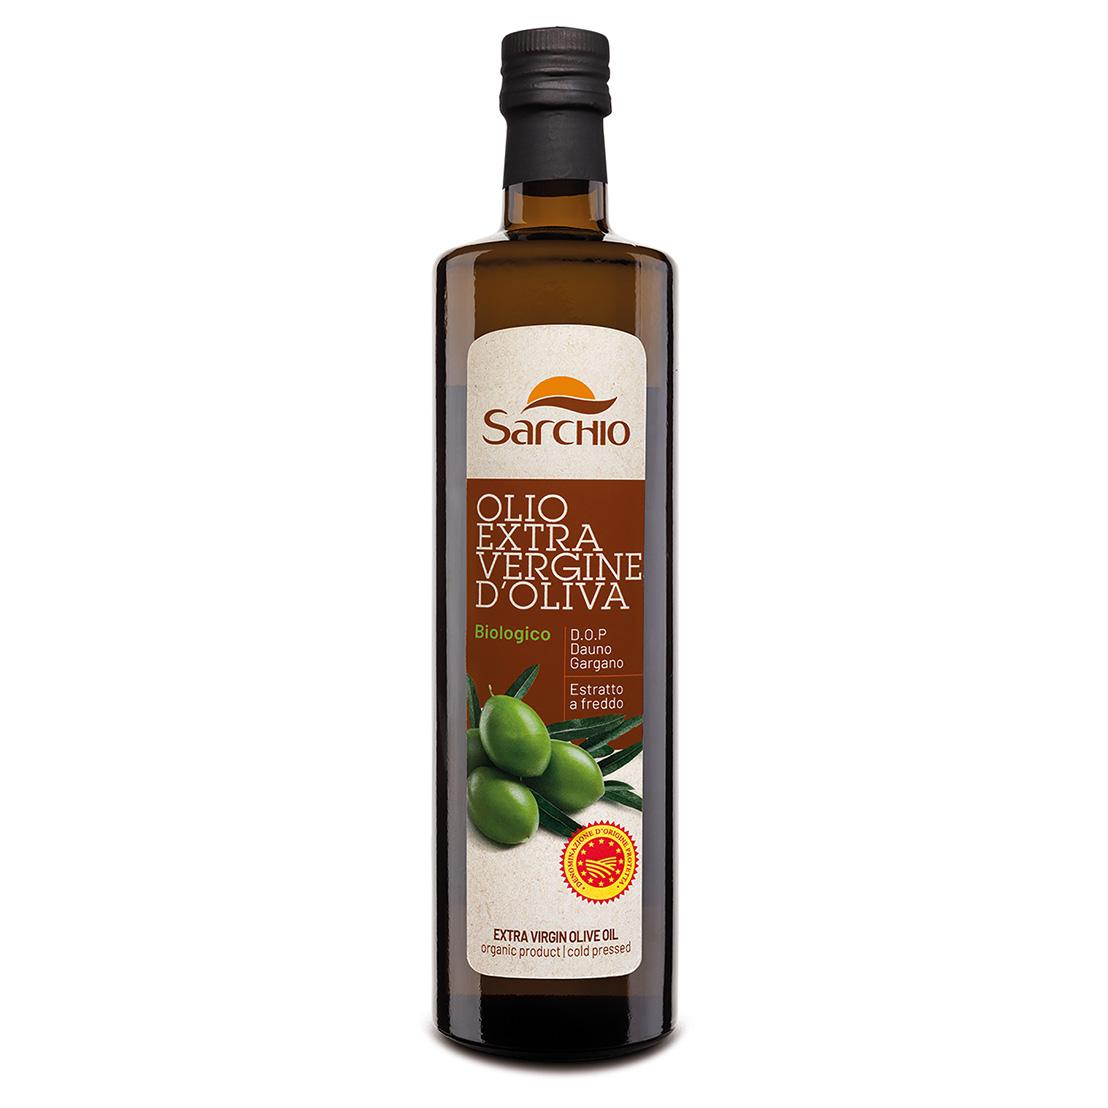 Olio extra vergine di oliva DOP